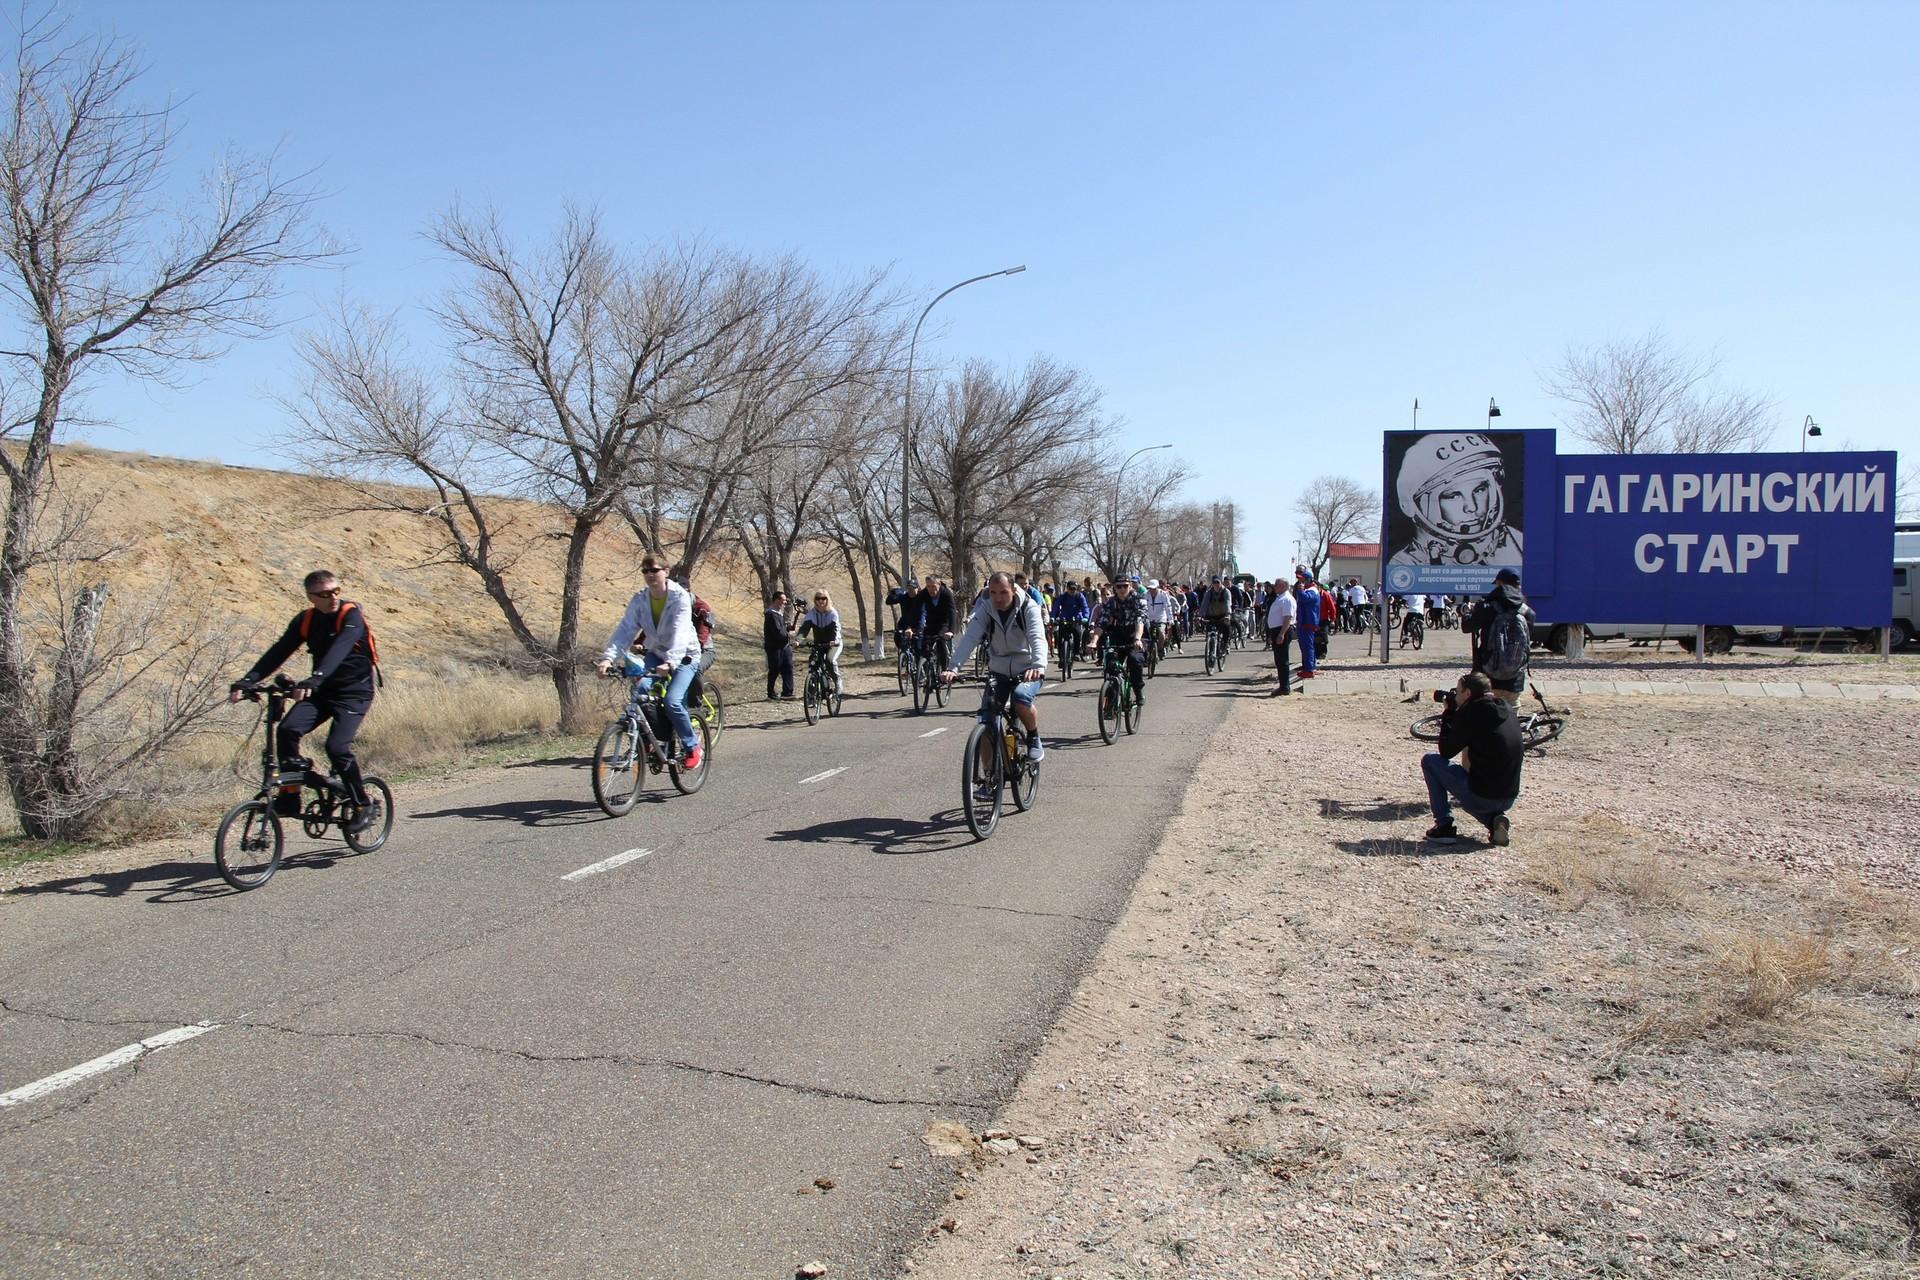 Байконурцы преодолели 32 км от «Гагаринского старта» до города (фоторепортаж)